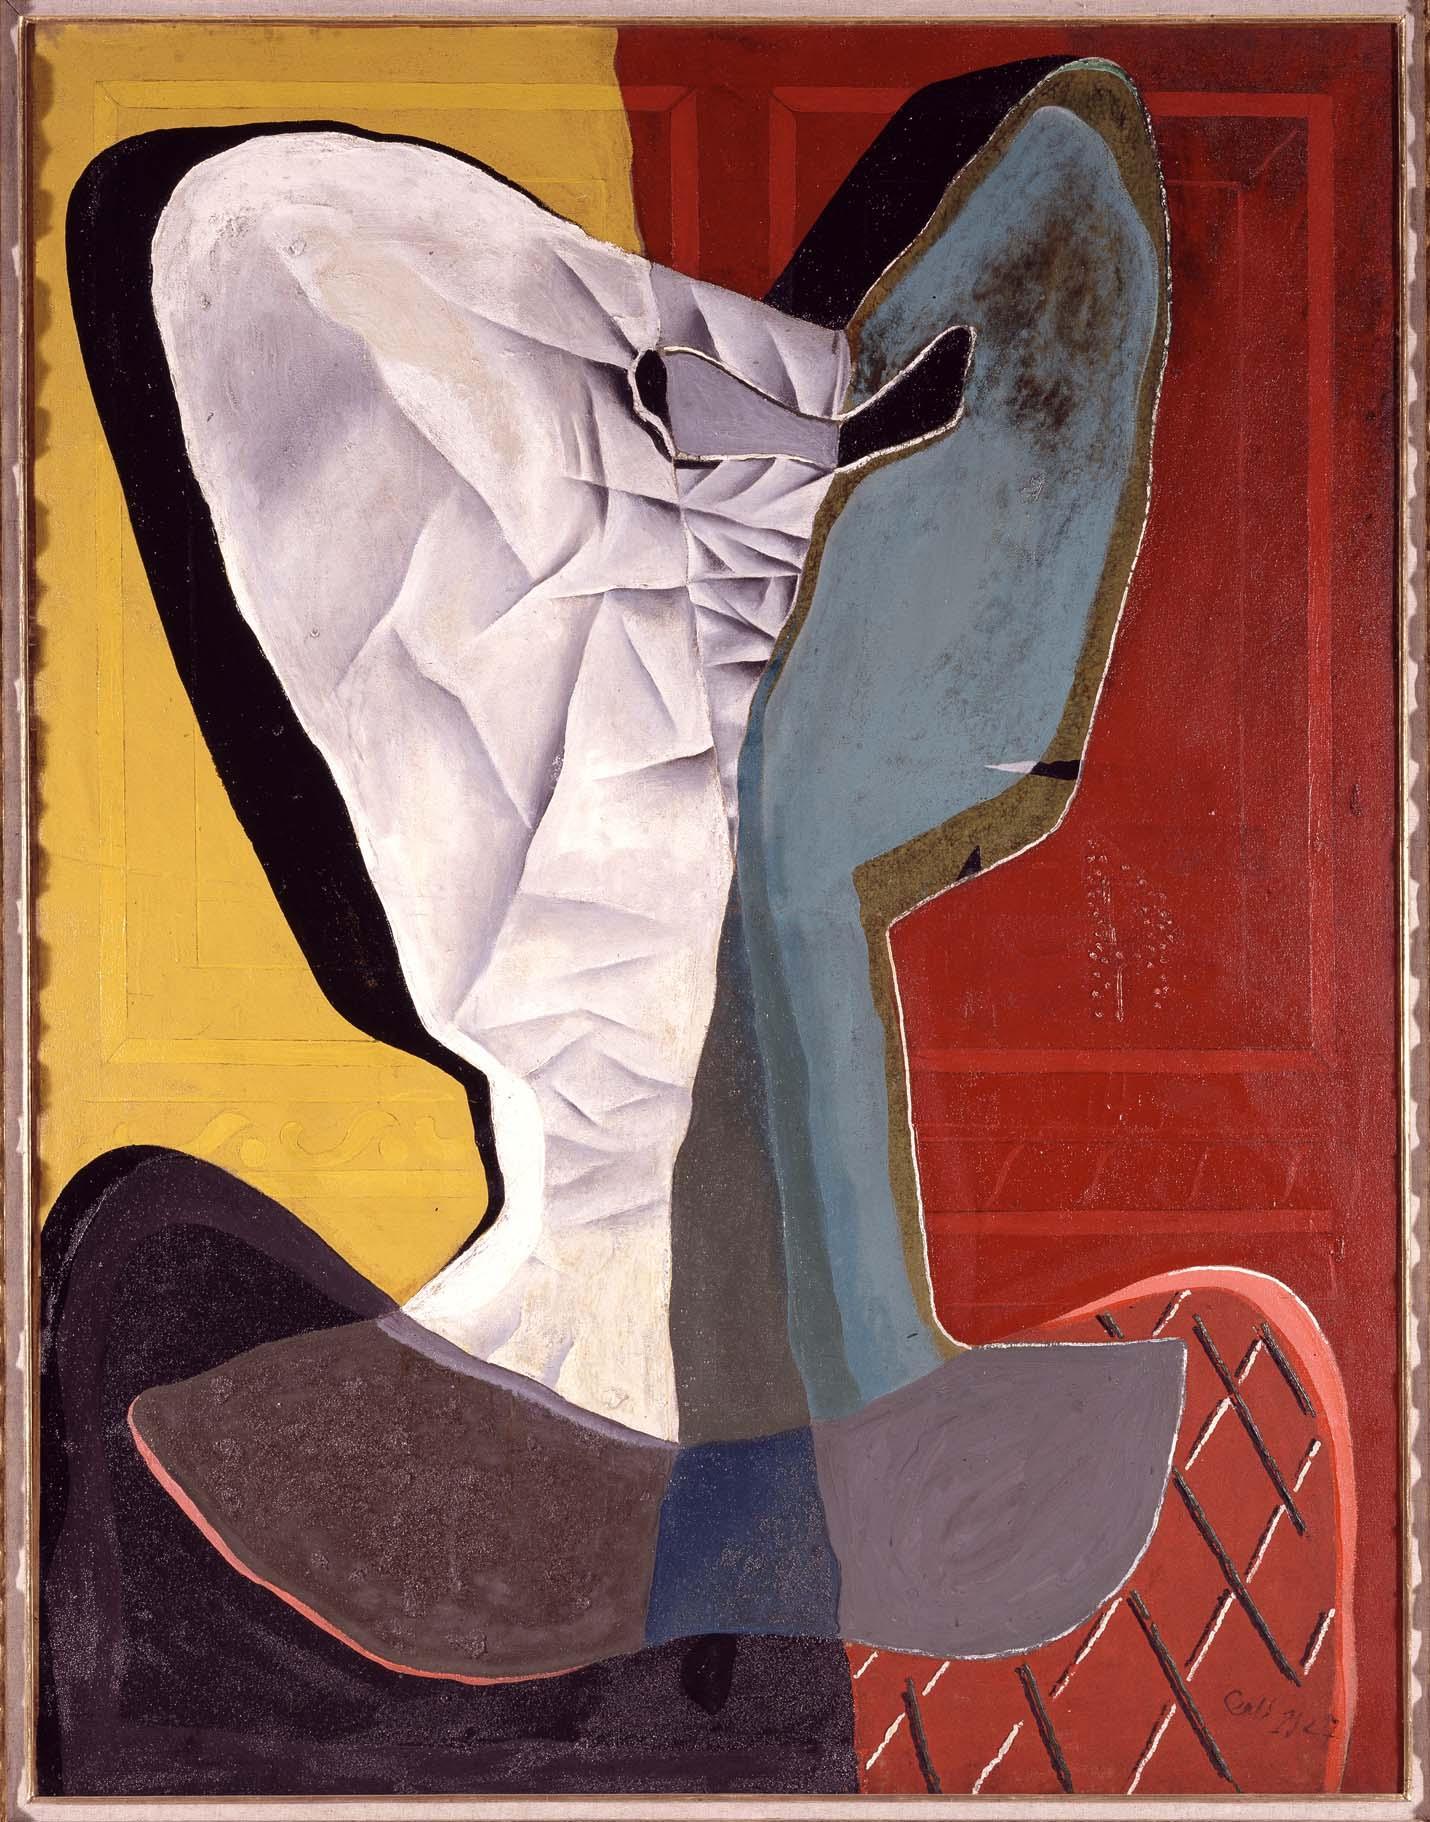 Salvador Dalí - Arlequí (Harlequin)